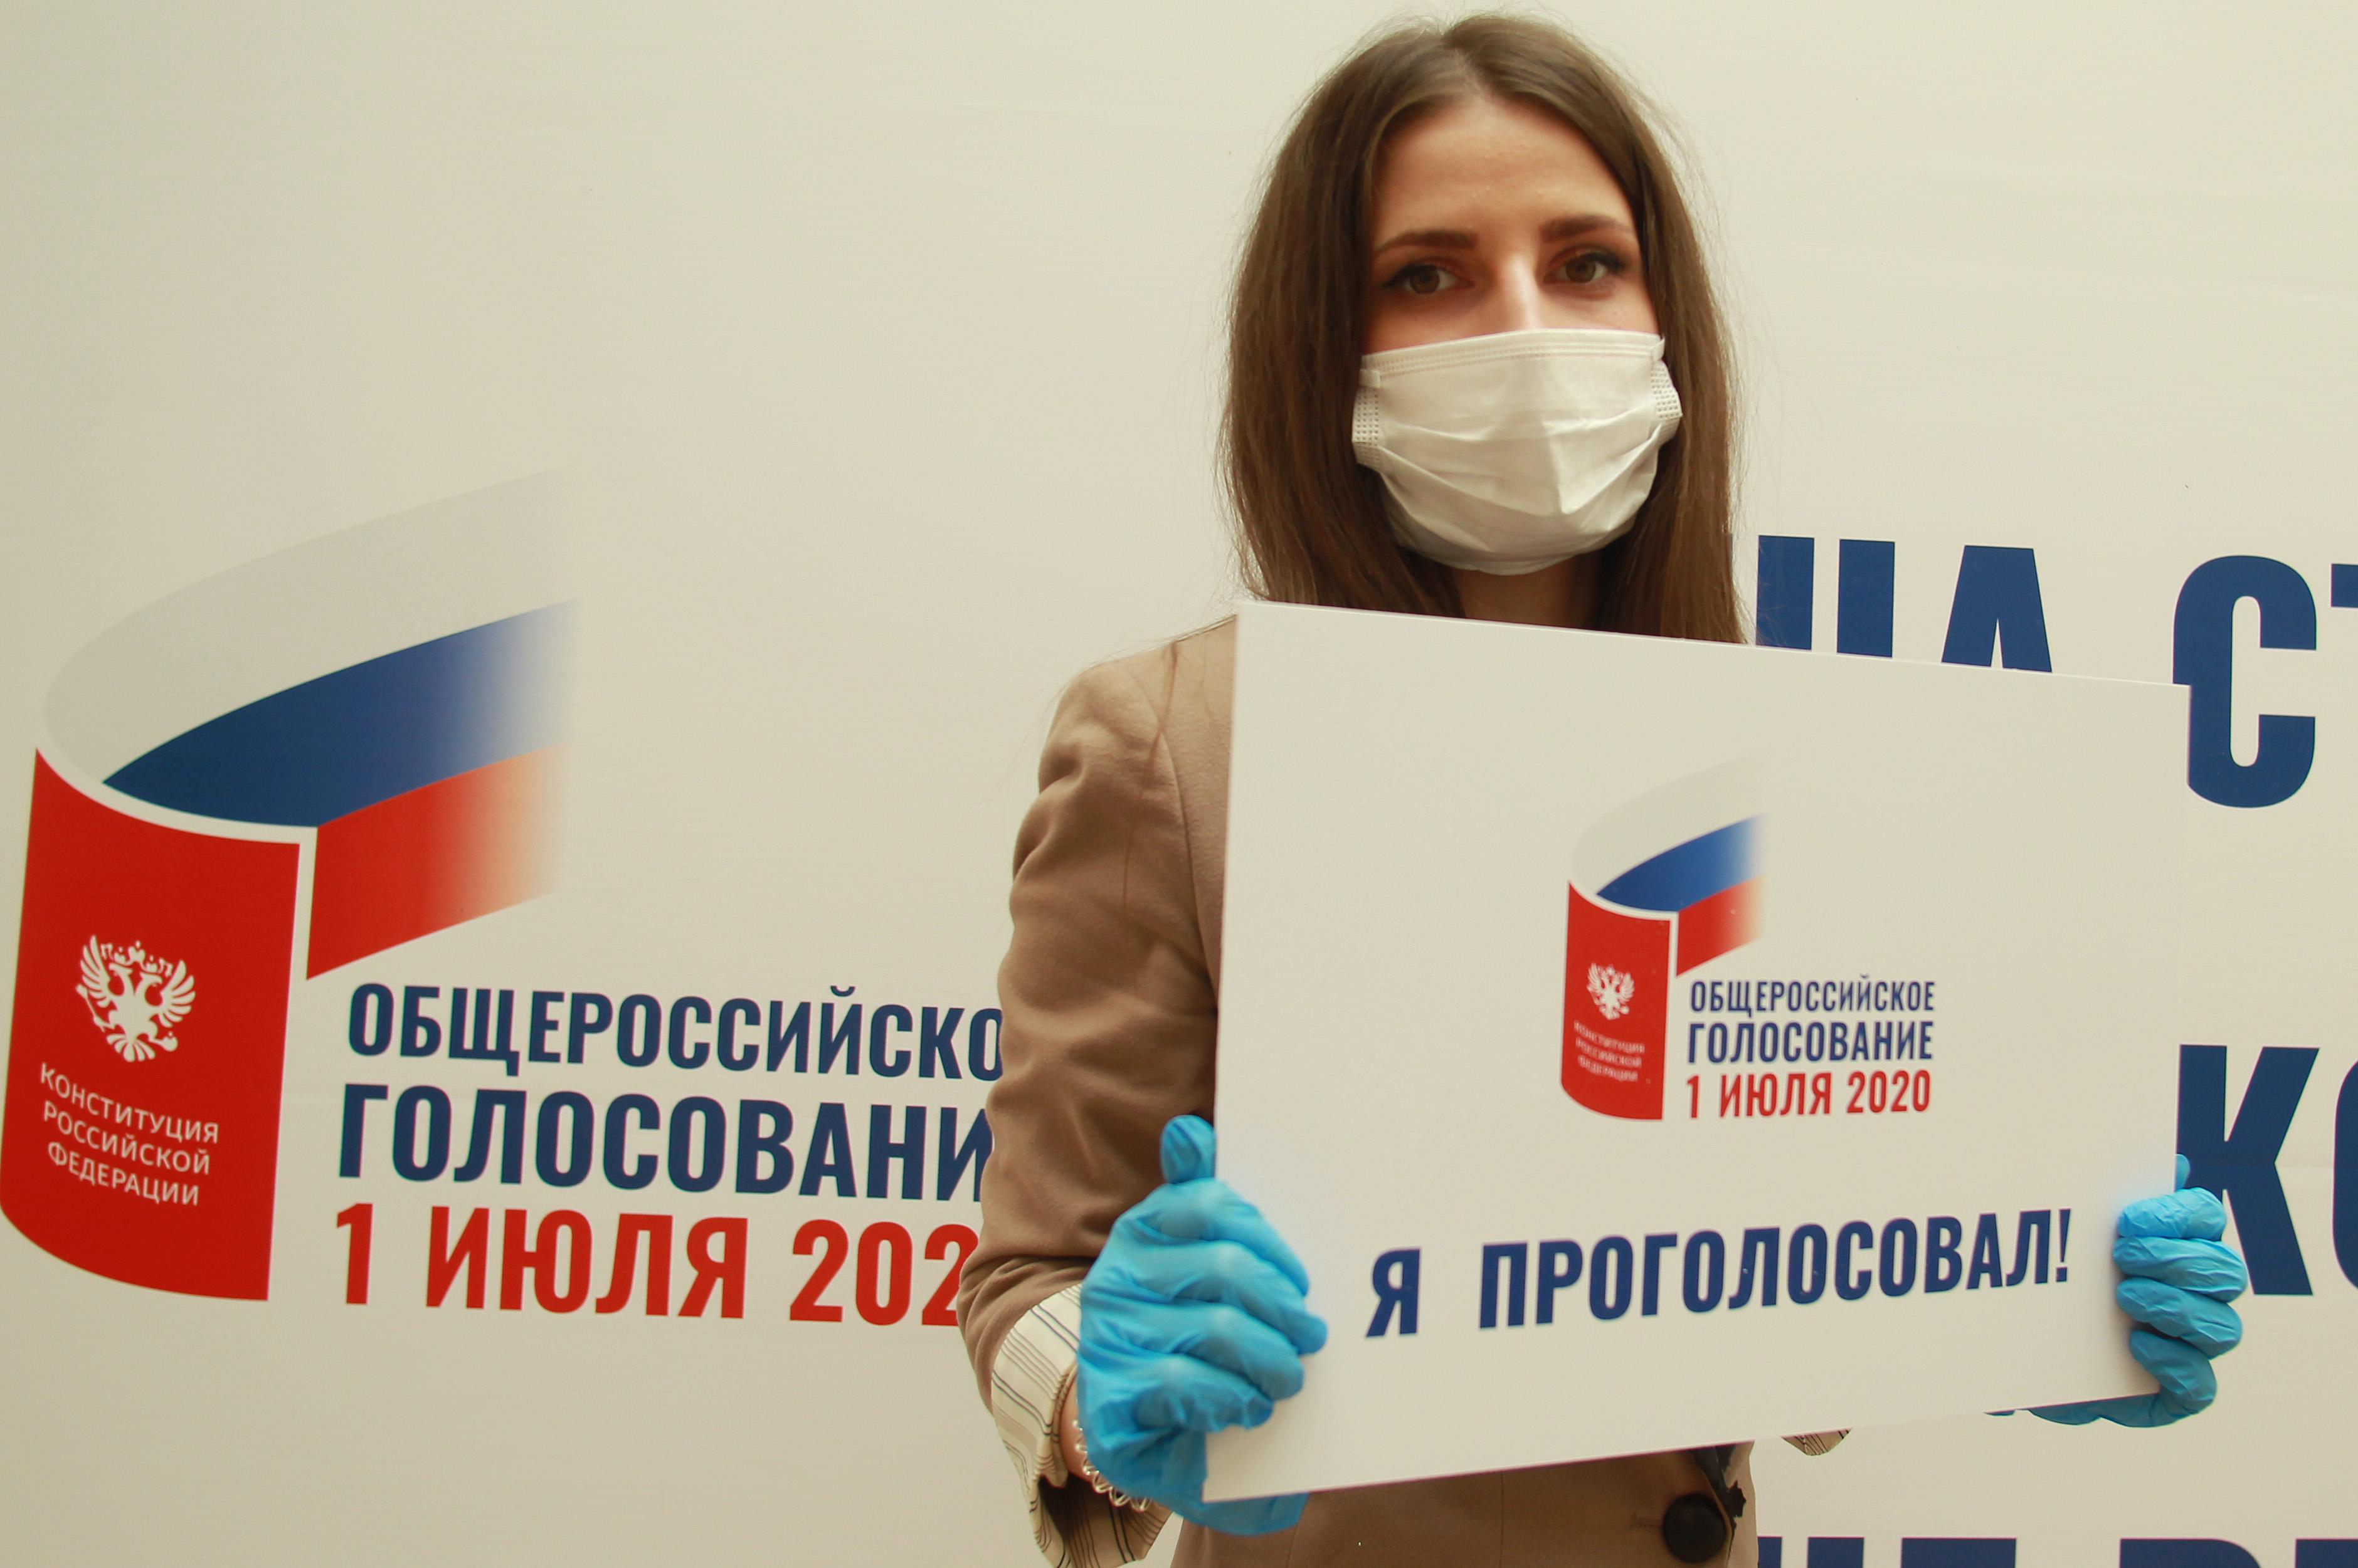 В ОШ заявили об отсутствии серьезных нарушений в ходе голосования в Москве